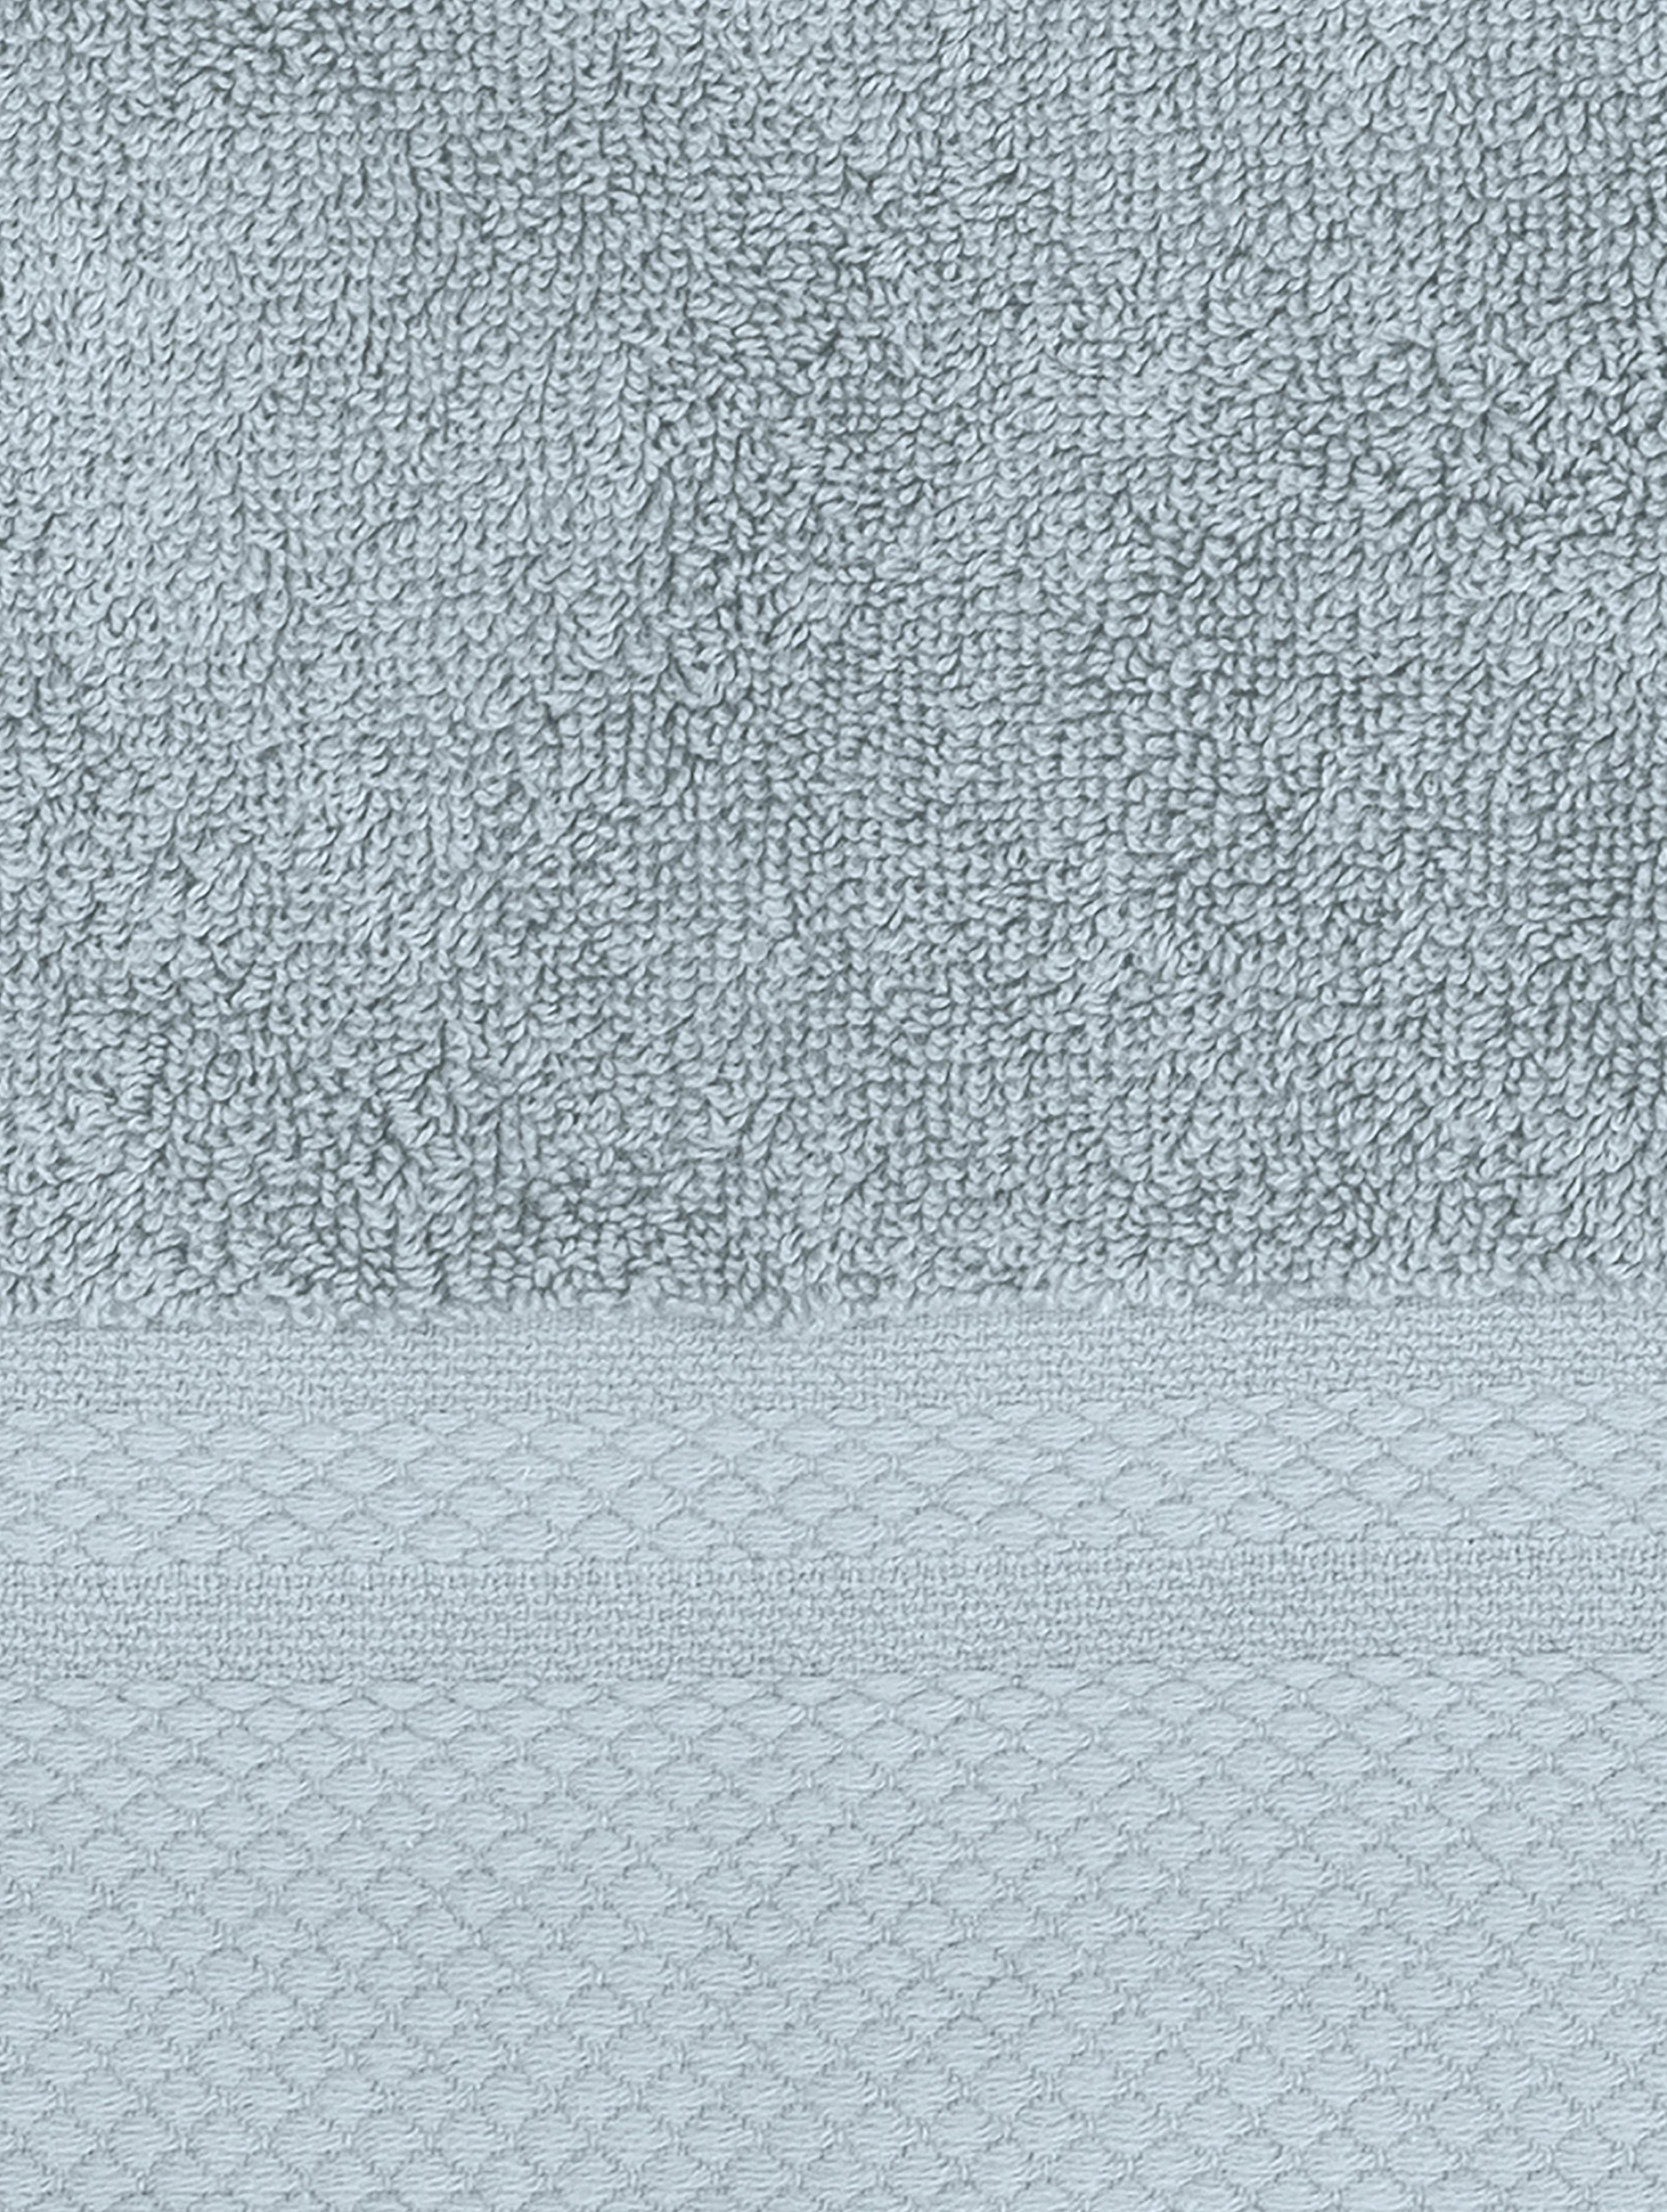 Handtuch-Set Premium mit klassischer Zierbordüre, 3-tlg., Hellblau, Verschiedene Grössen